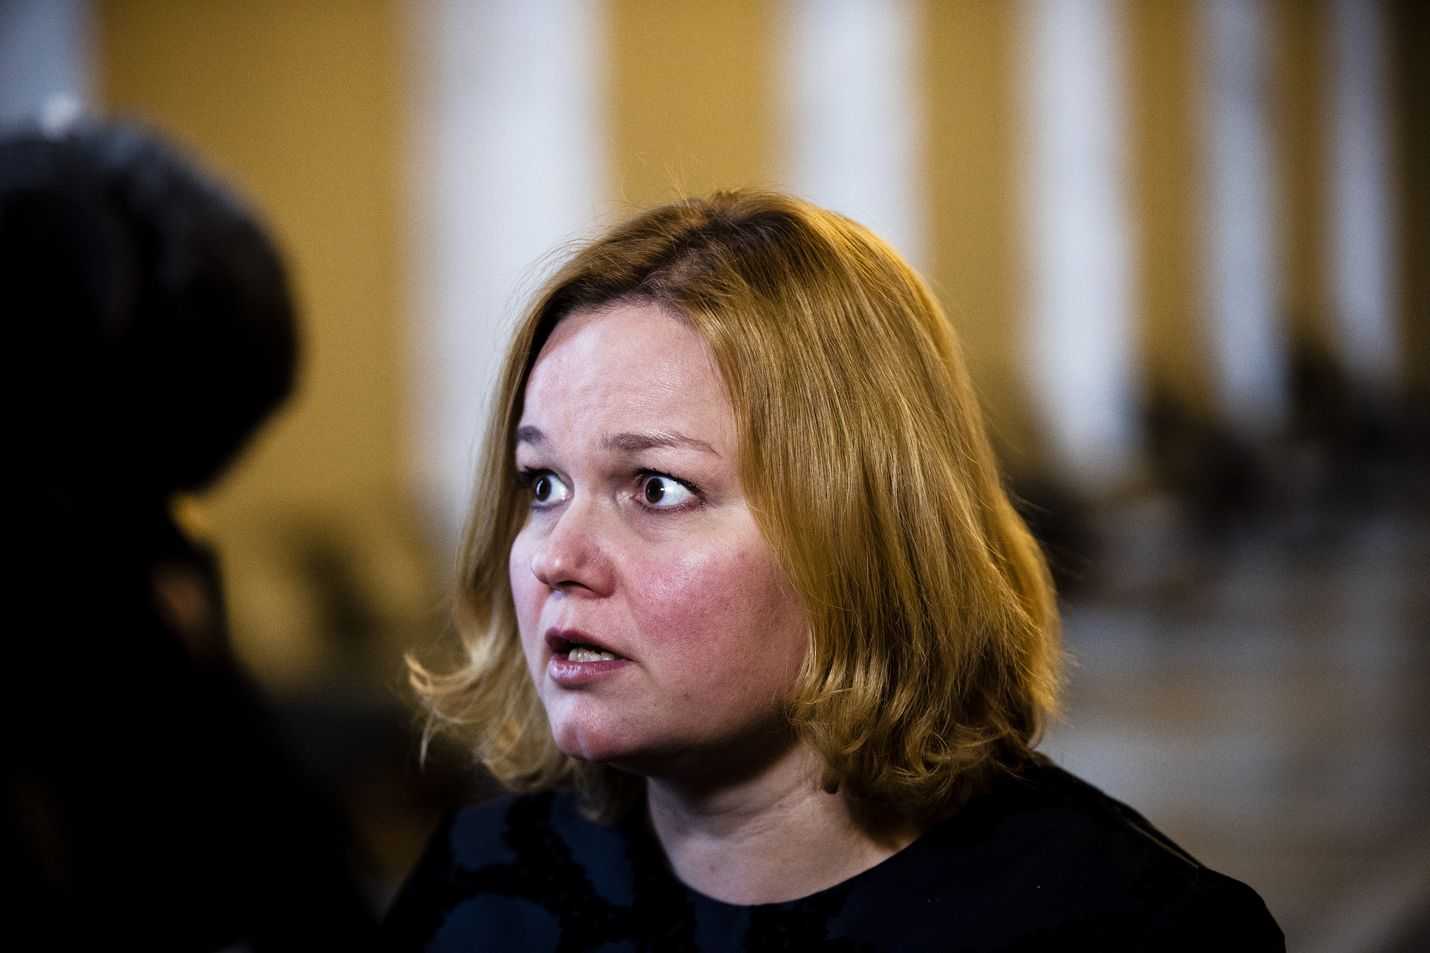 Perhe- ja peruspalveluministeri Krista Kiuru (sd.) kertoo kannattavansa sovittelua myös kotiväkivallassa, jos sovittelun edellytykset täyttyvät.